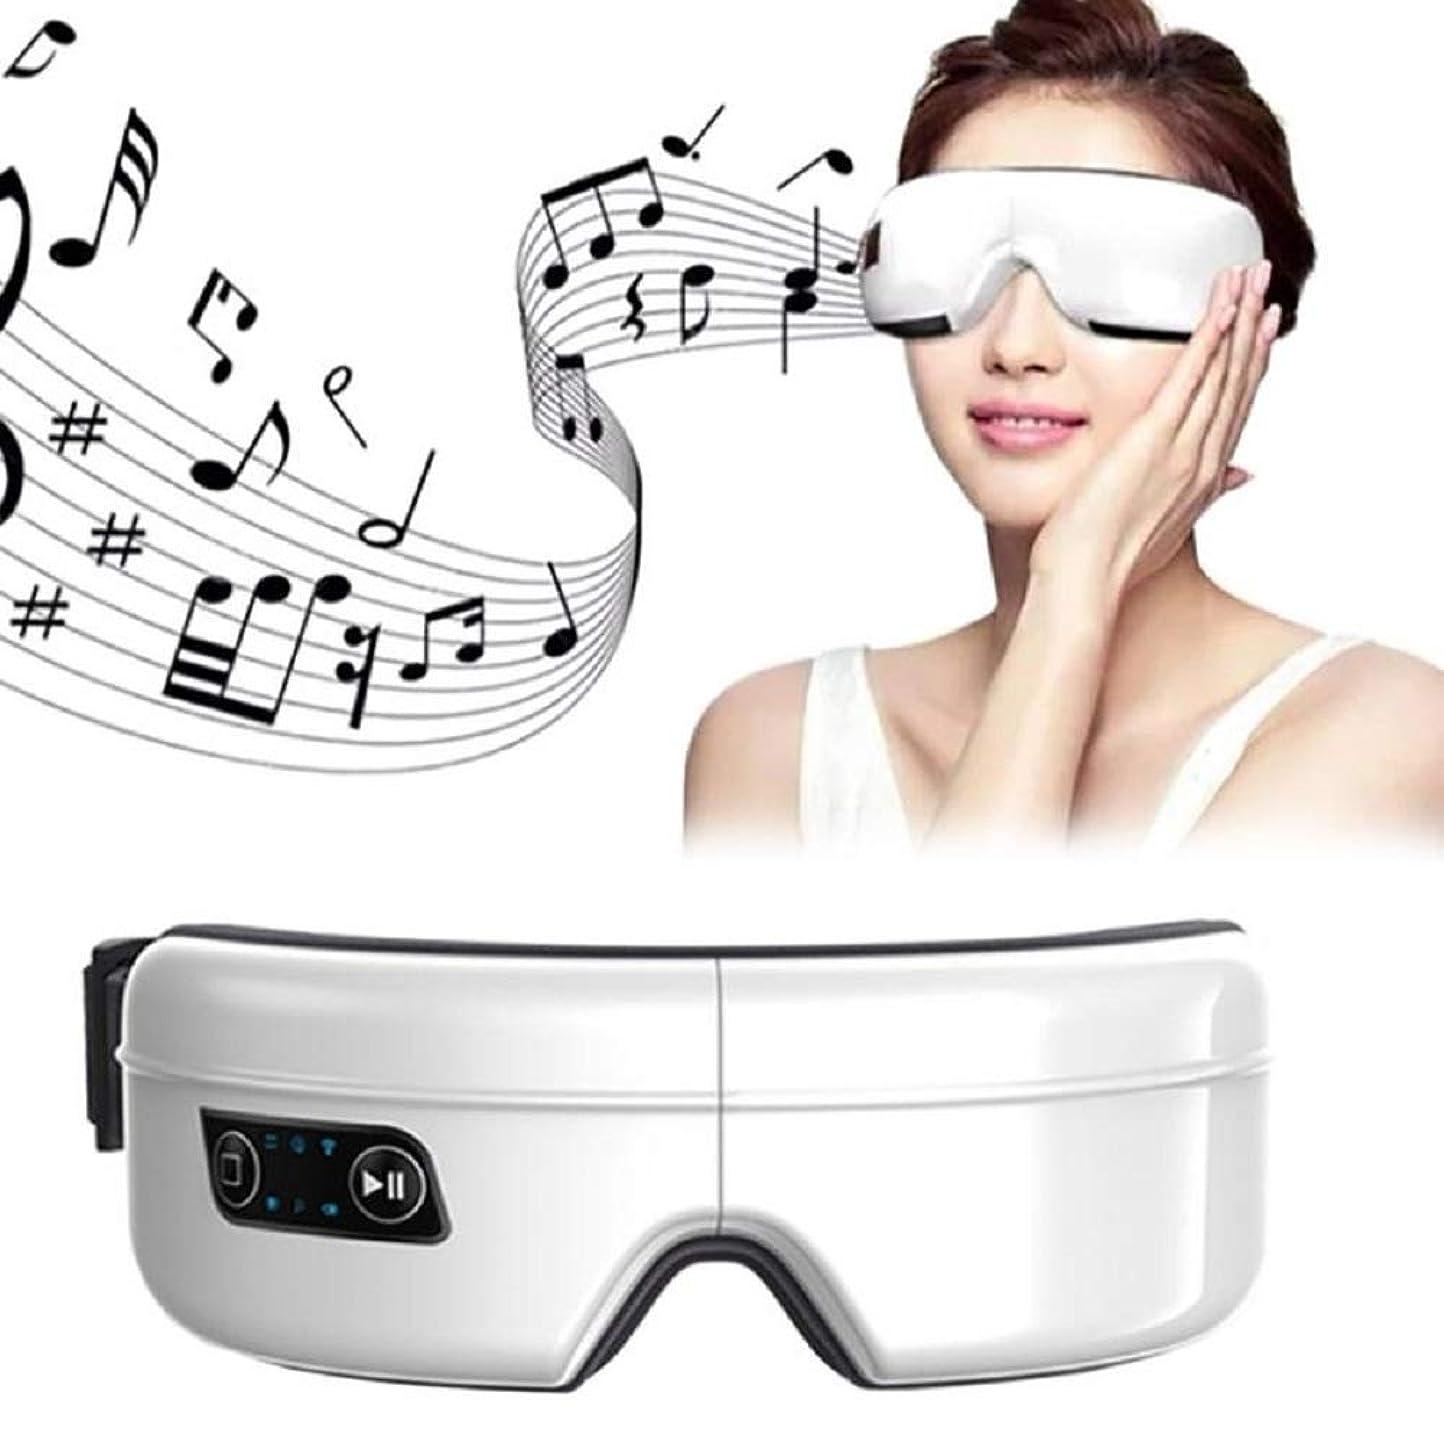 保証するデータベース事件、出来事Ruzzy 高度な電気ワイヤレスアイマッサージSPAの楽器、音楽充電式美容ツール 購入へようこそ